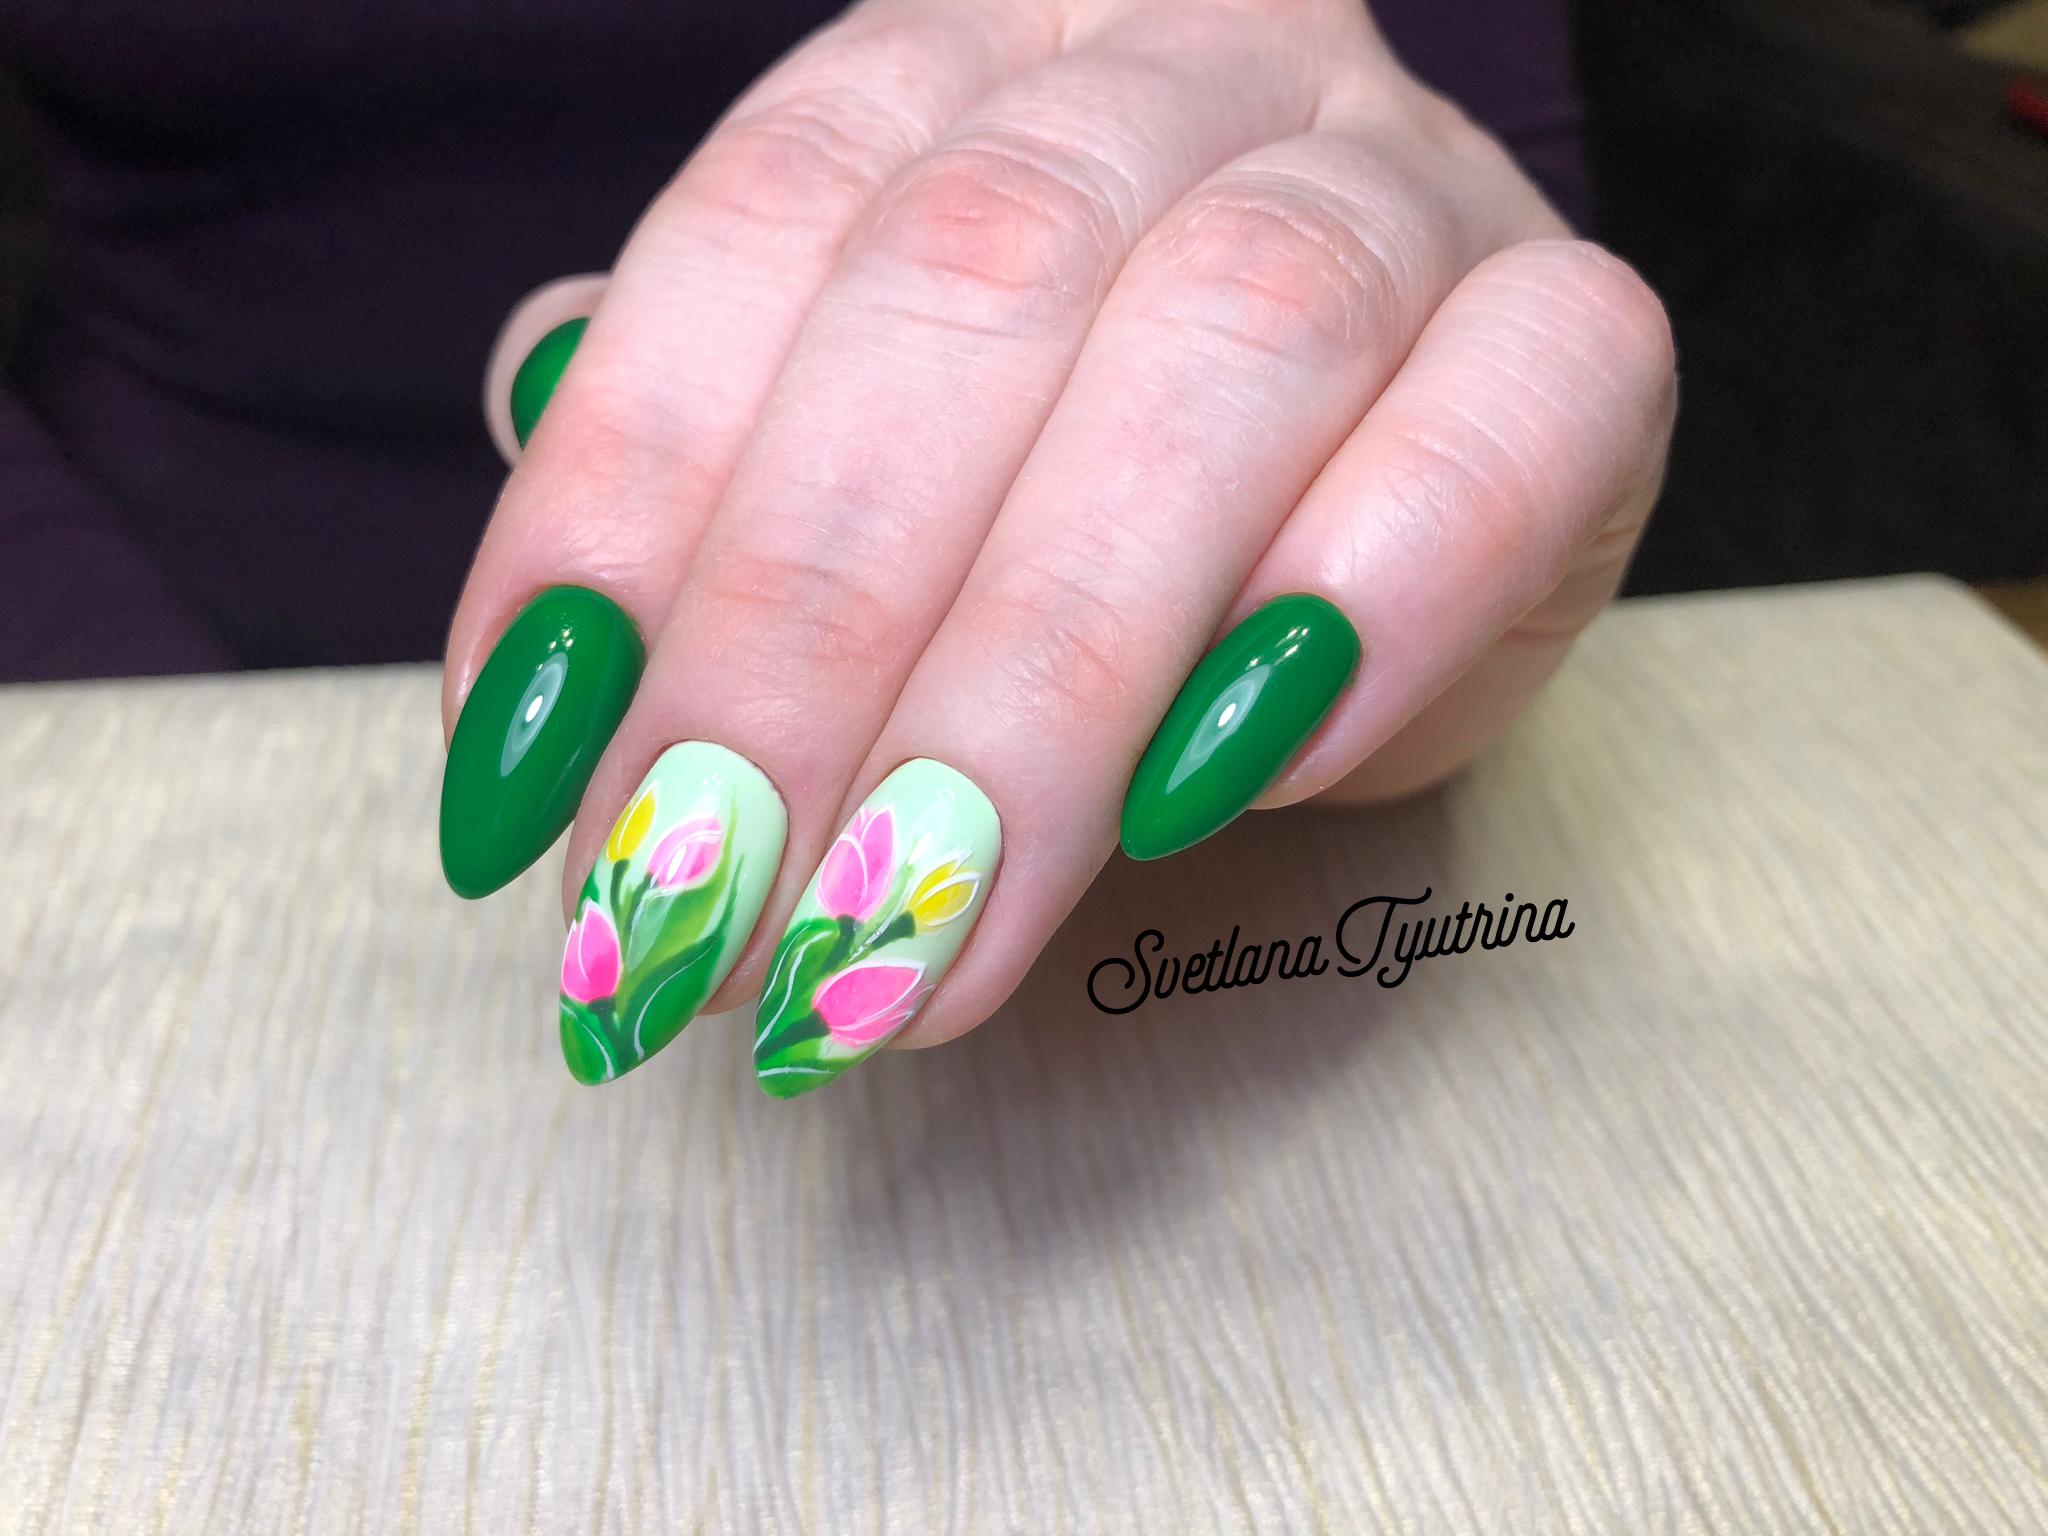 Маникюр с цветочным рисунком в зеленом цвете.